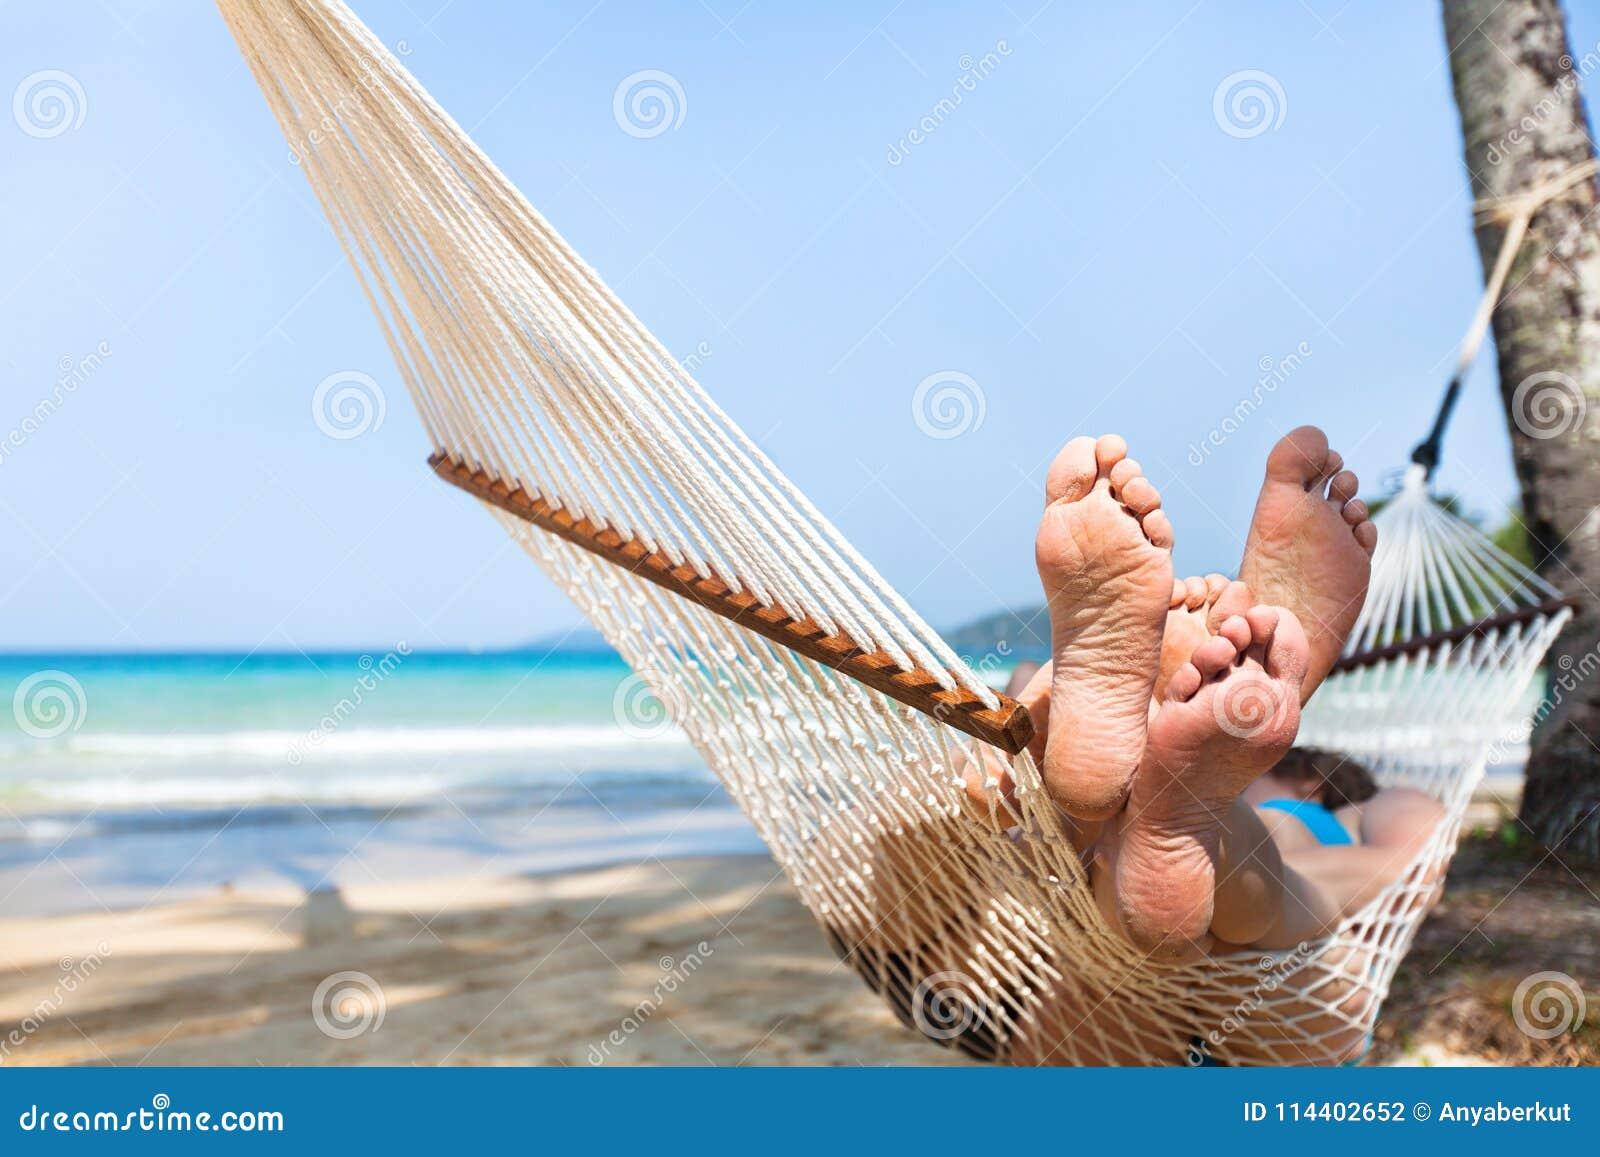 Familie des glücklichen Paars in der Hängematte auf tropischem Paradiesstrand, Inselfeiertage